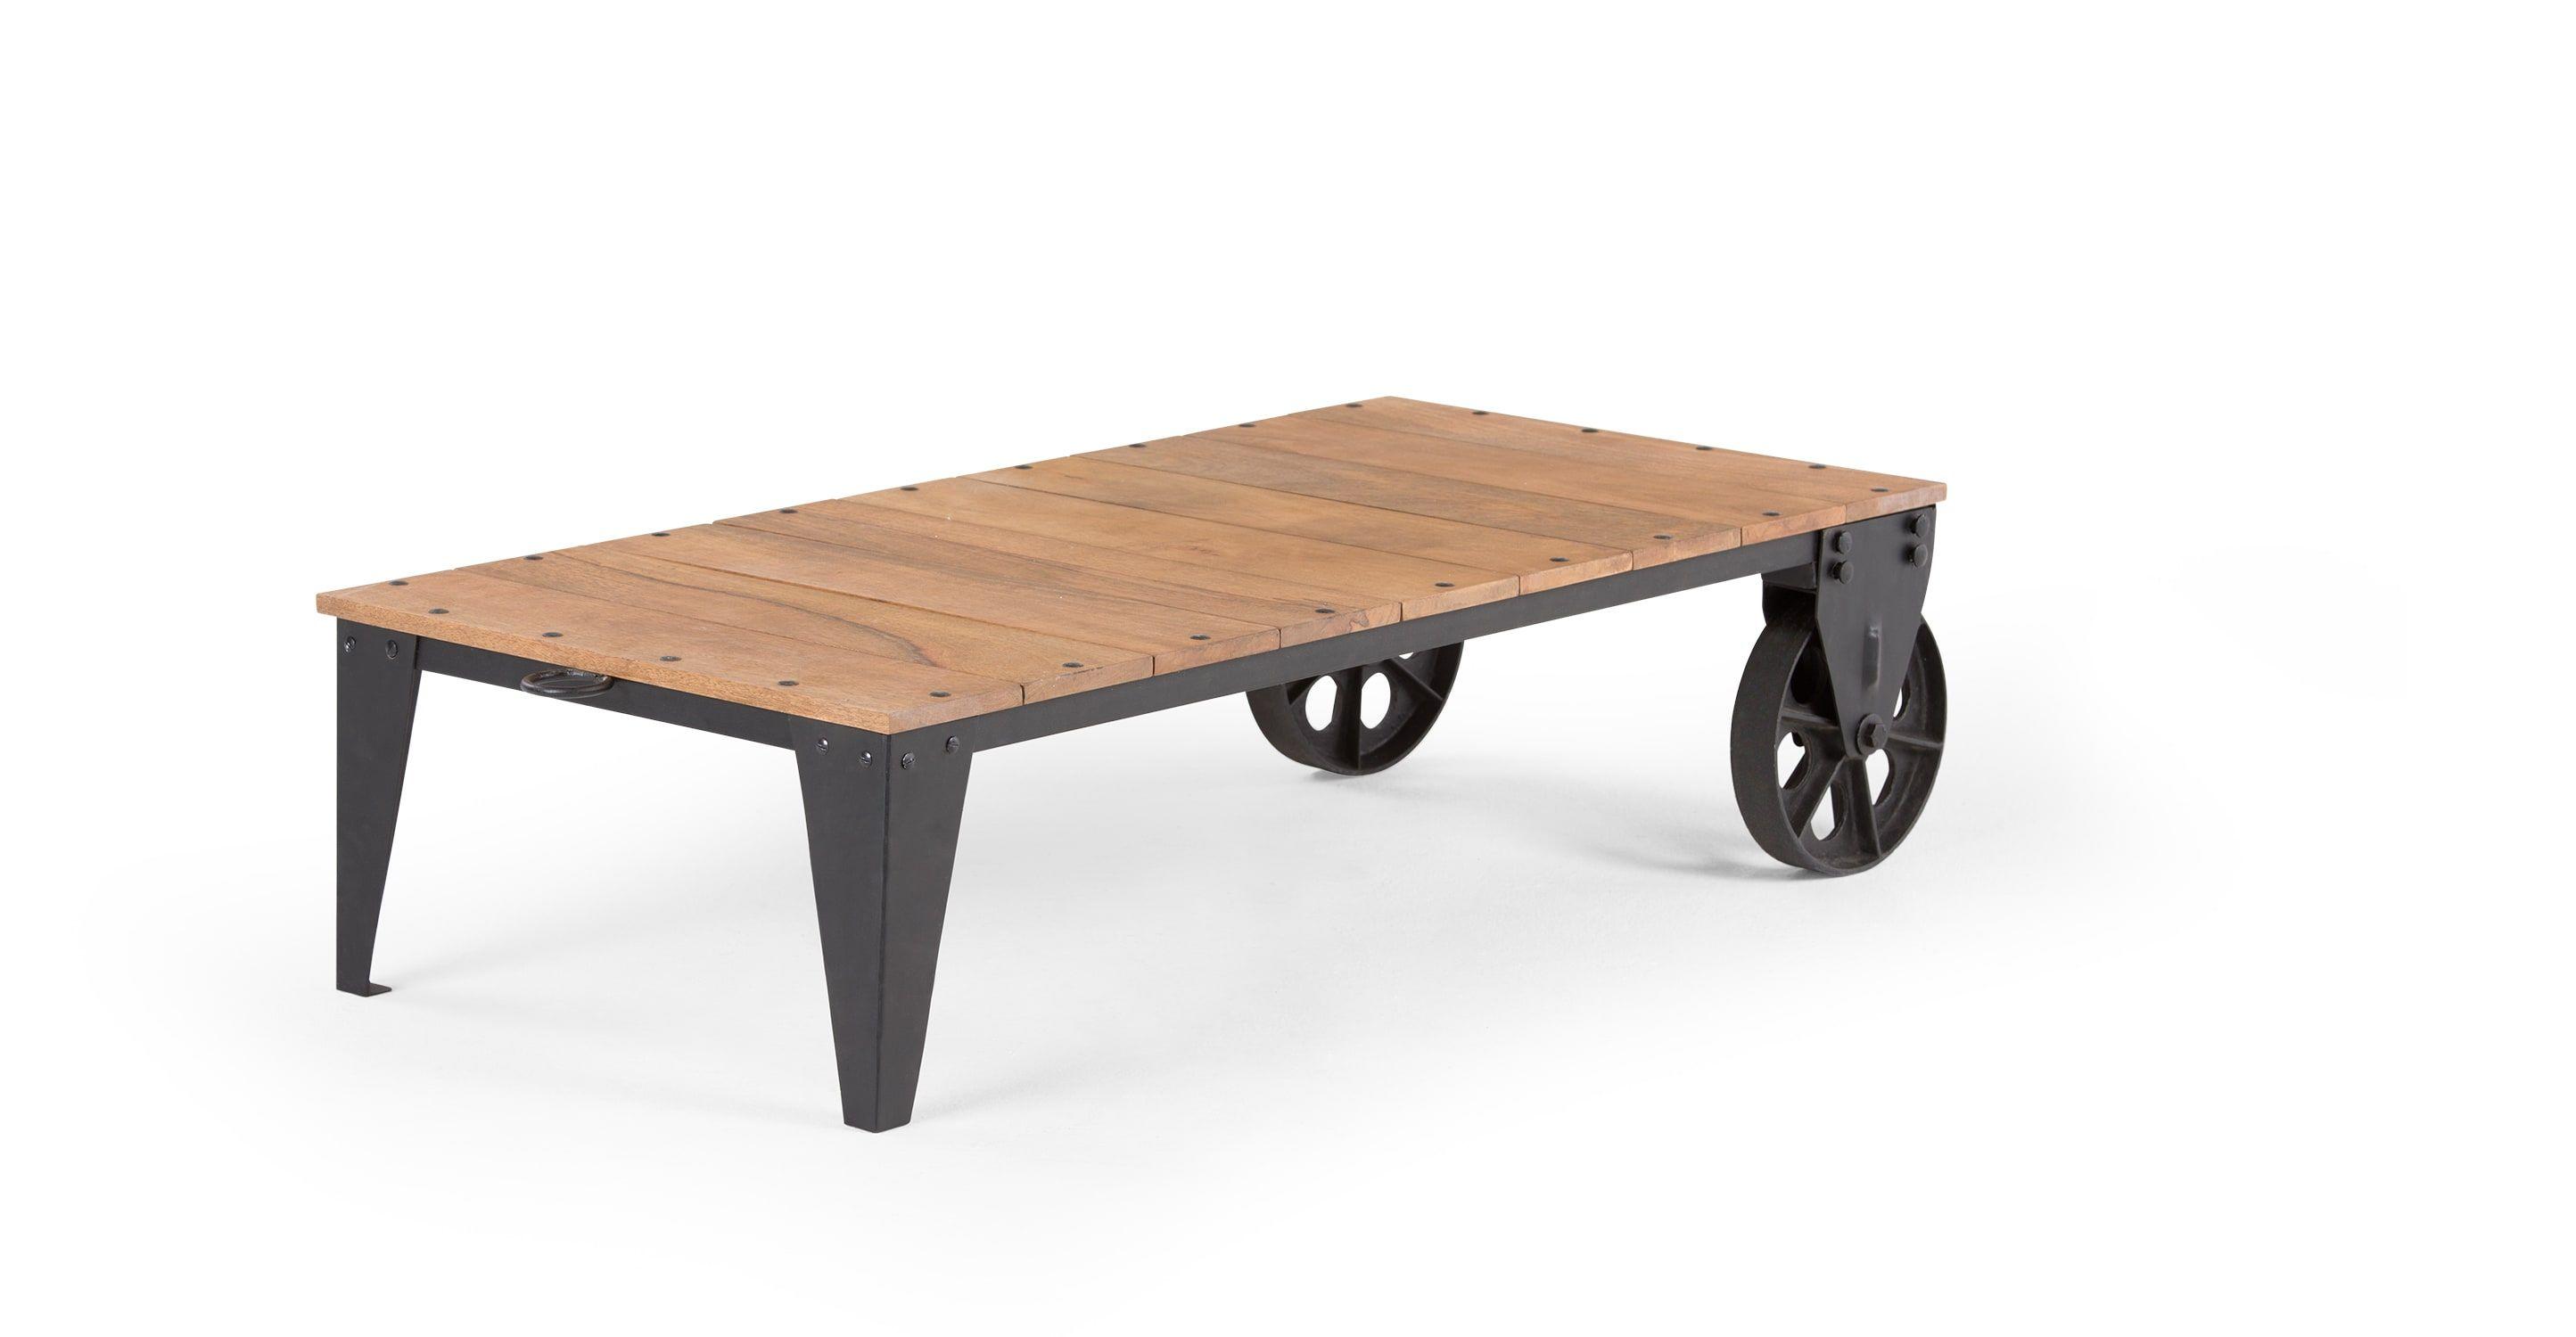 cd02628a91610418b4b57a42de161580 Meilleur De De Table Basse Bois Moderne Concept